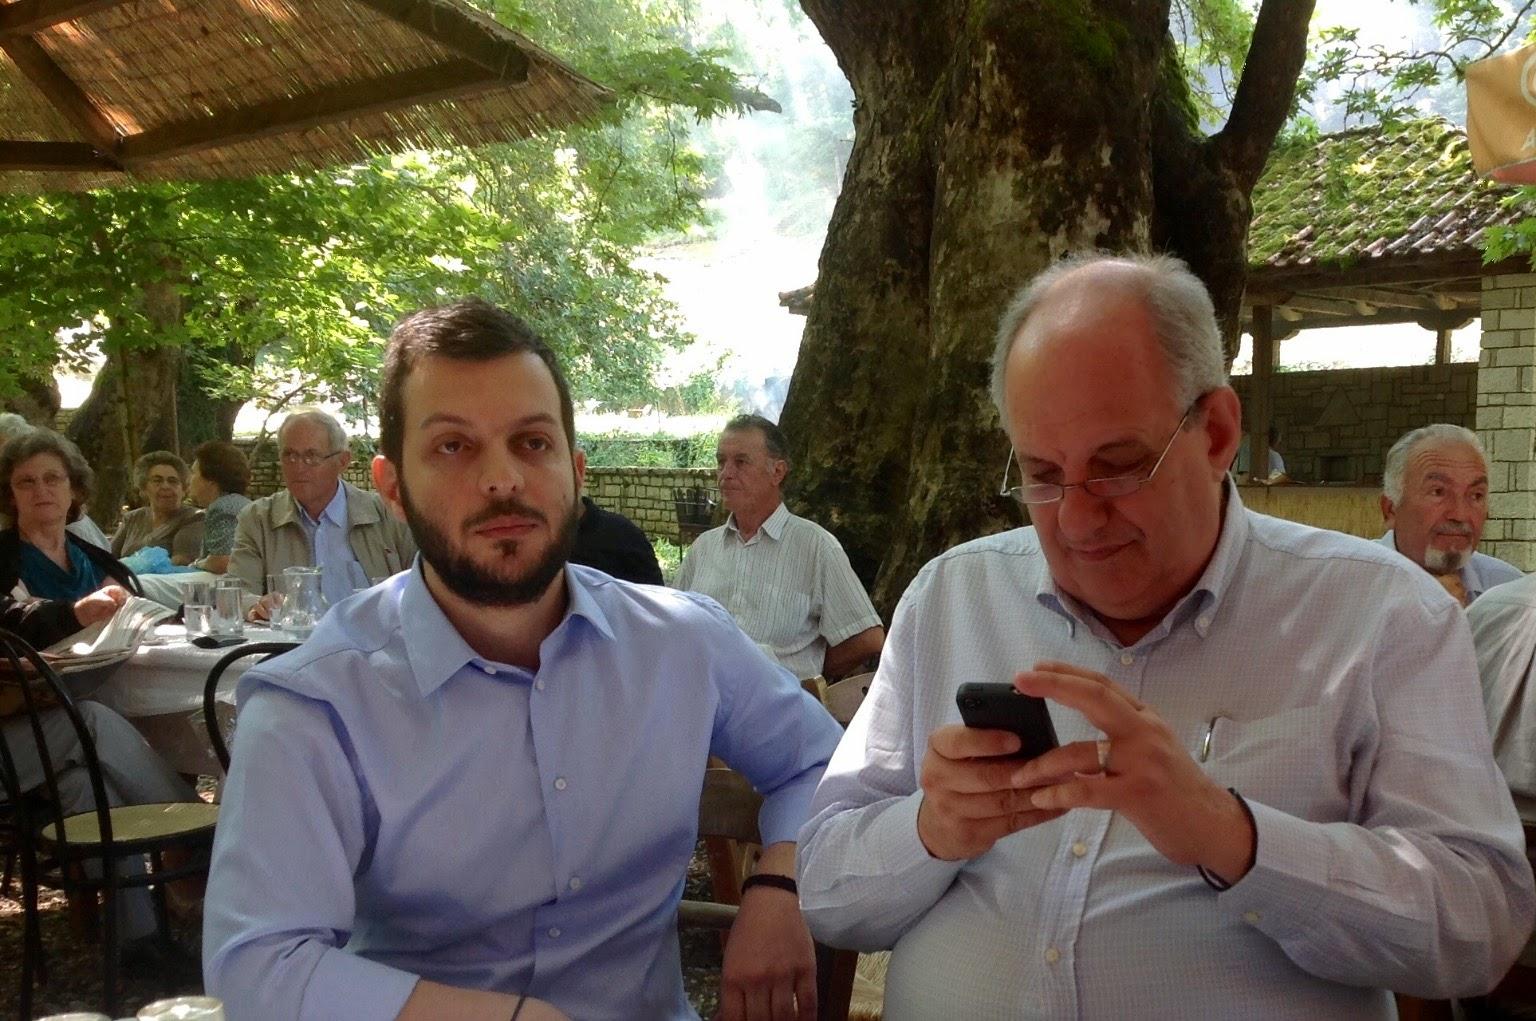 Πανευρυτανικό Αντάμωμα στο Κεφαλόβρυσο με τον Υφυπουργό Εξωτερικών  κο Τέρενς Κουίκ